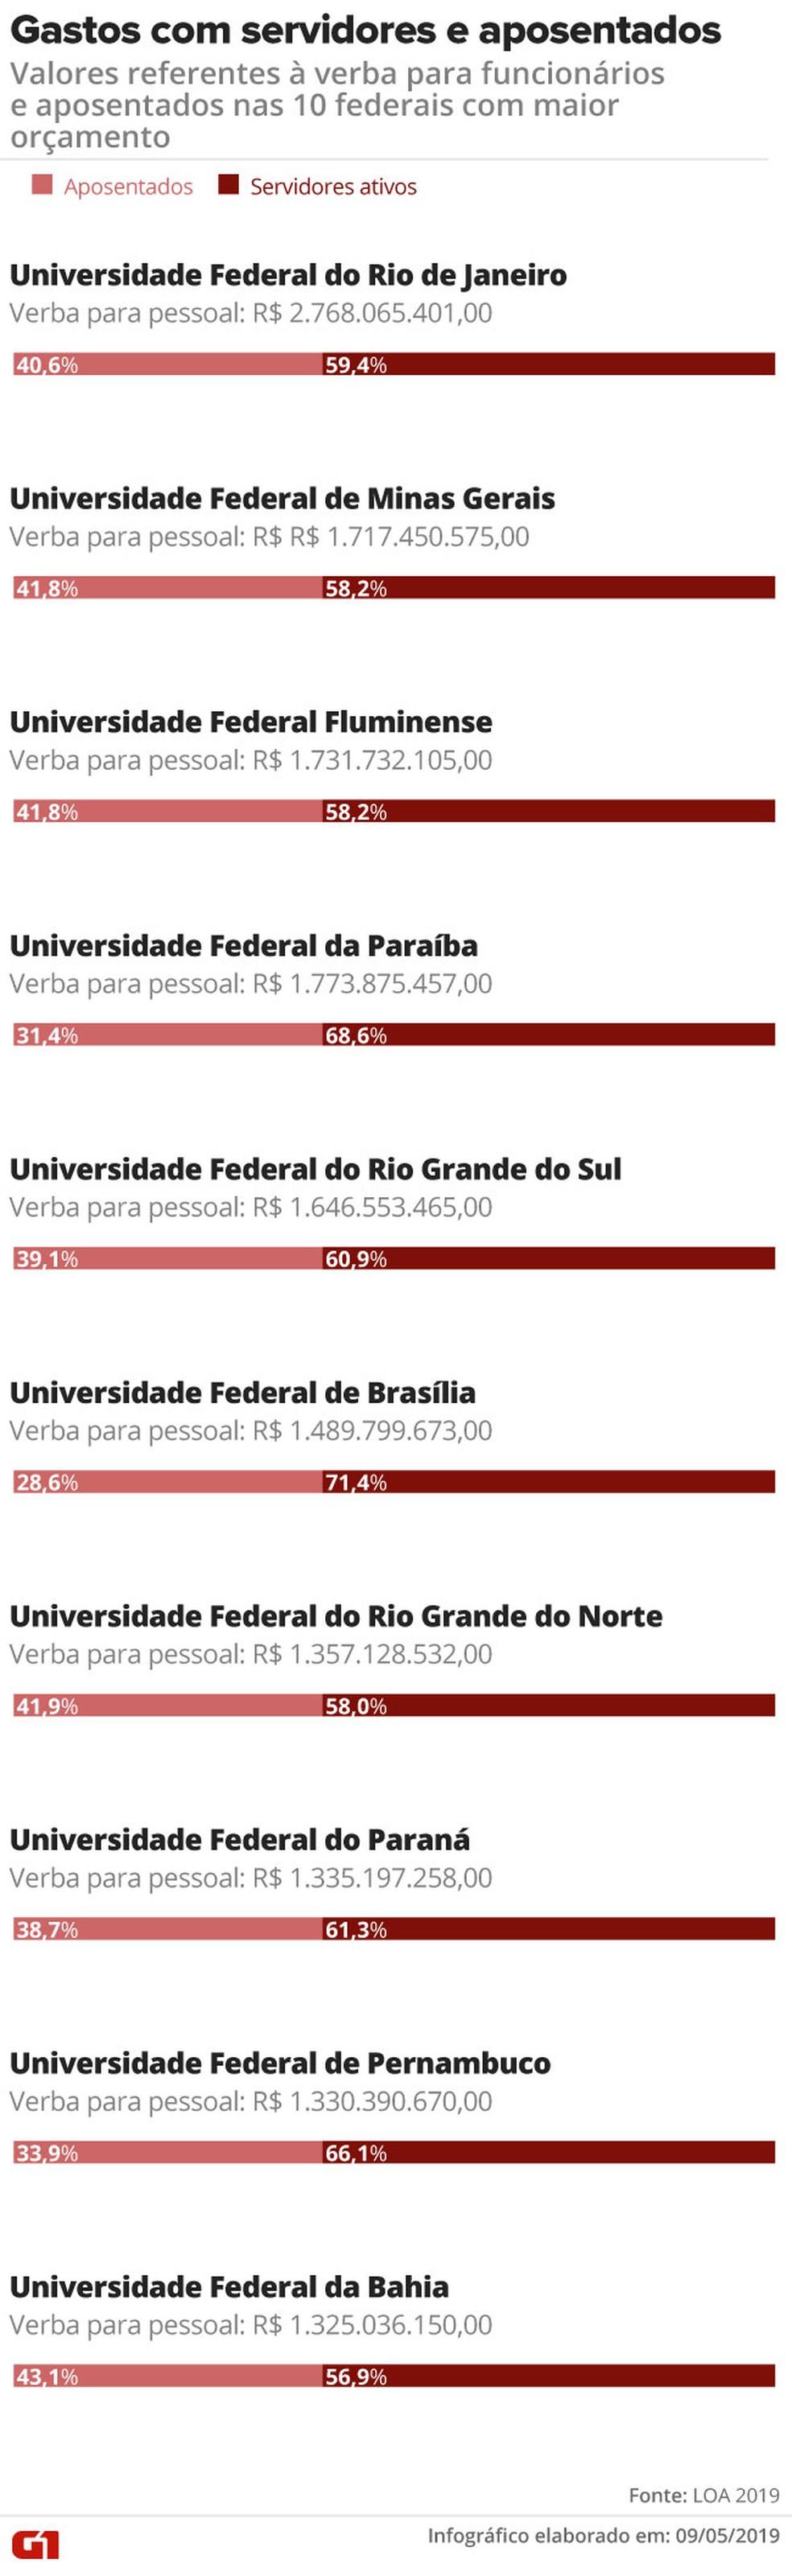 Gasto com funcionários aposentados pressiona orçamento das universidades federais — Foto: Rodrigo Cunha/G1